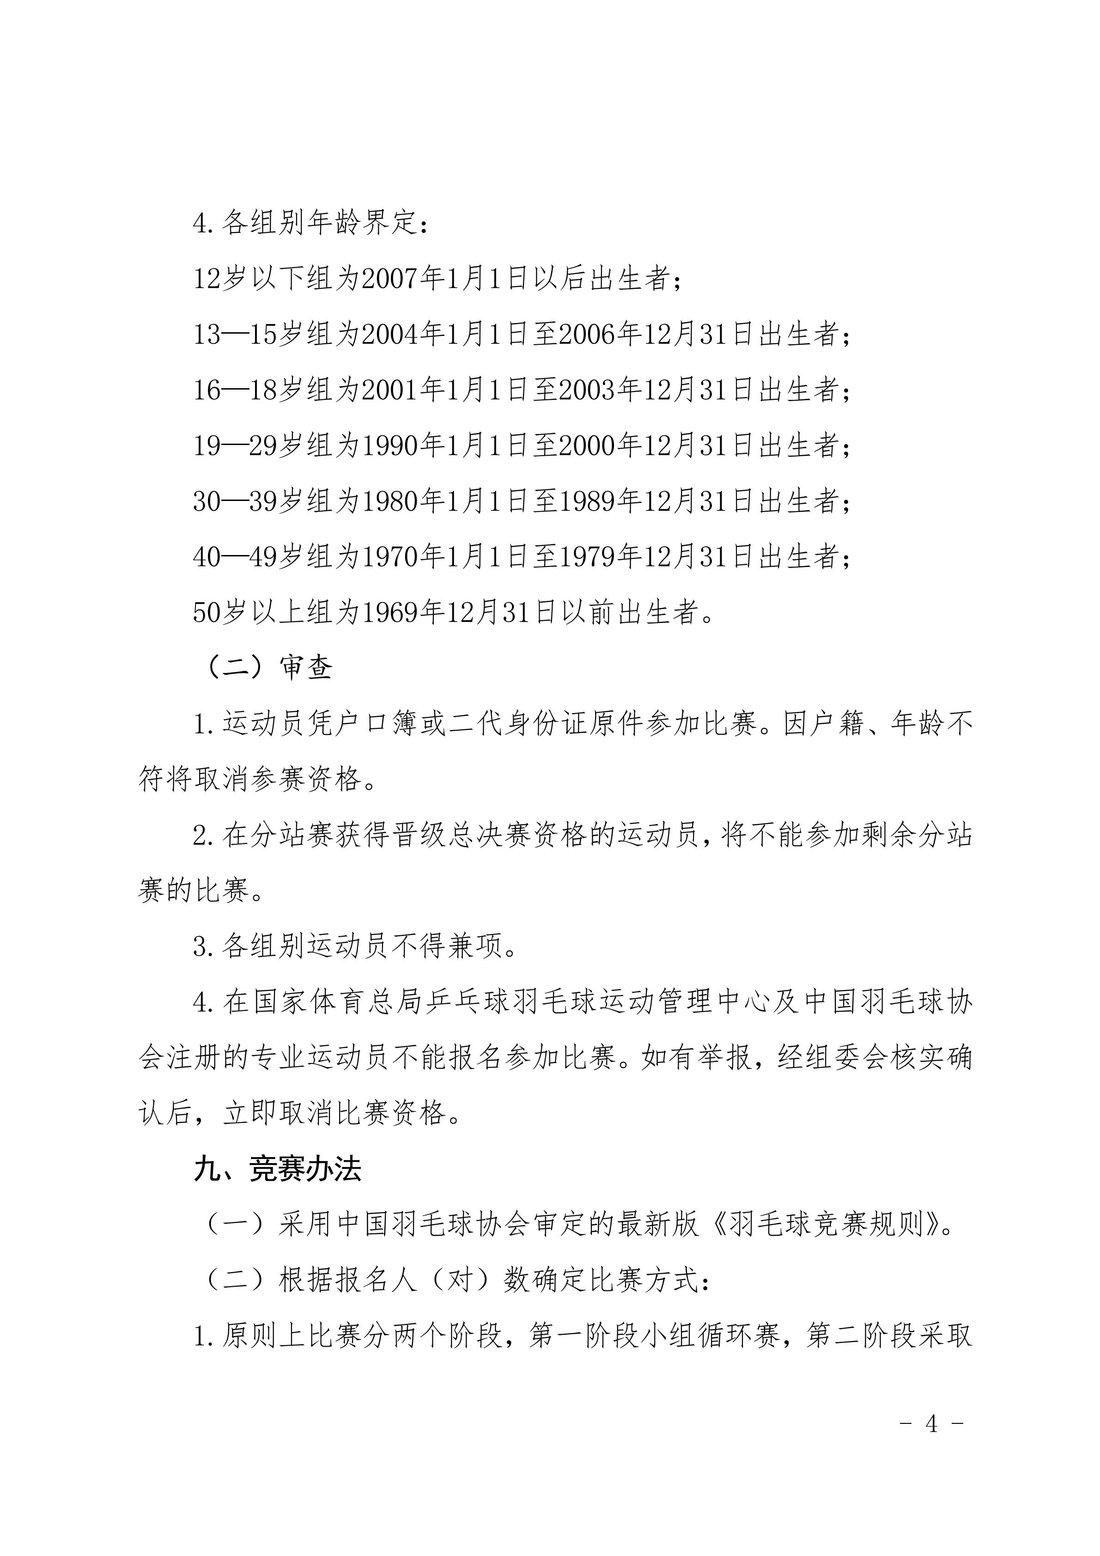 第六届羽毛球公开赛竞赛规程_03.jpg